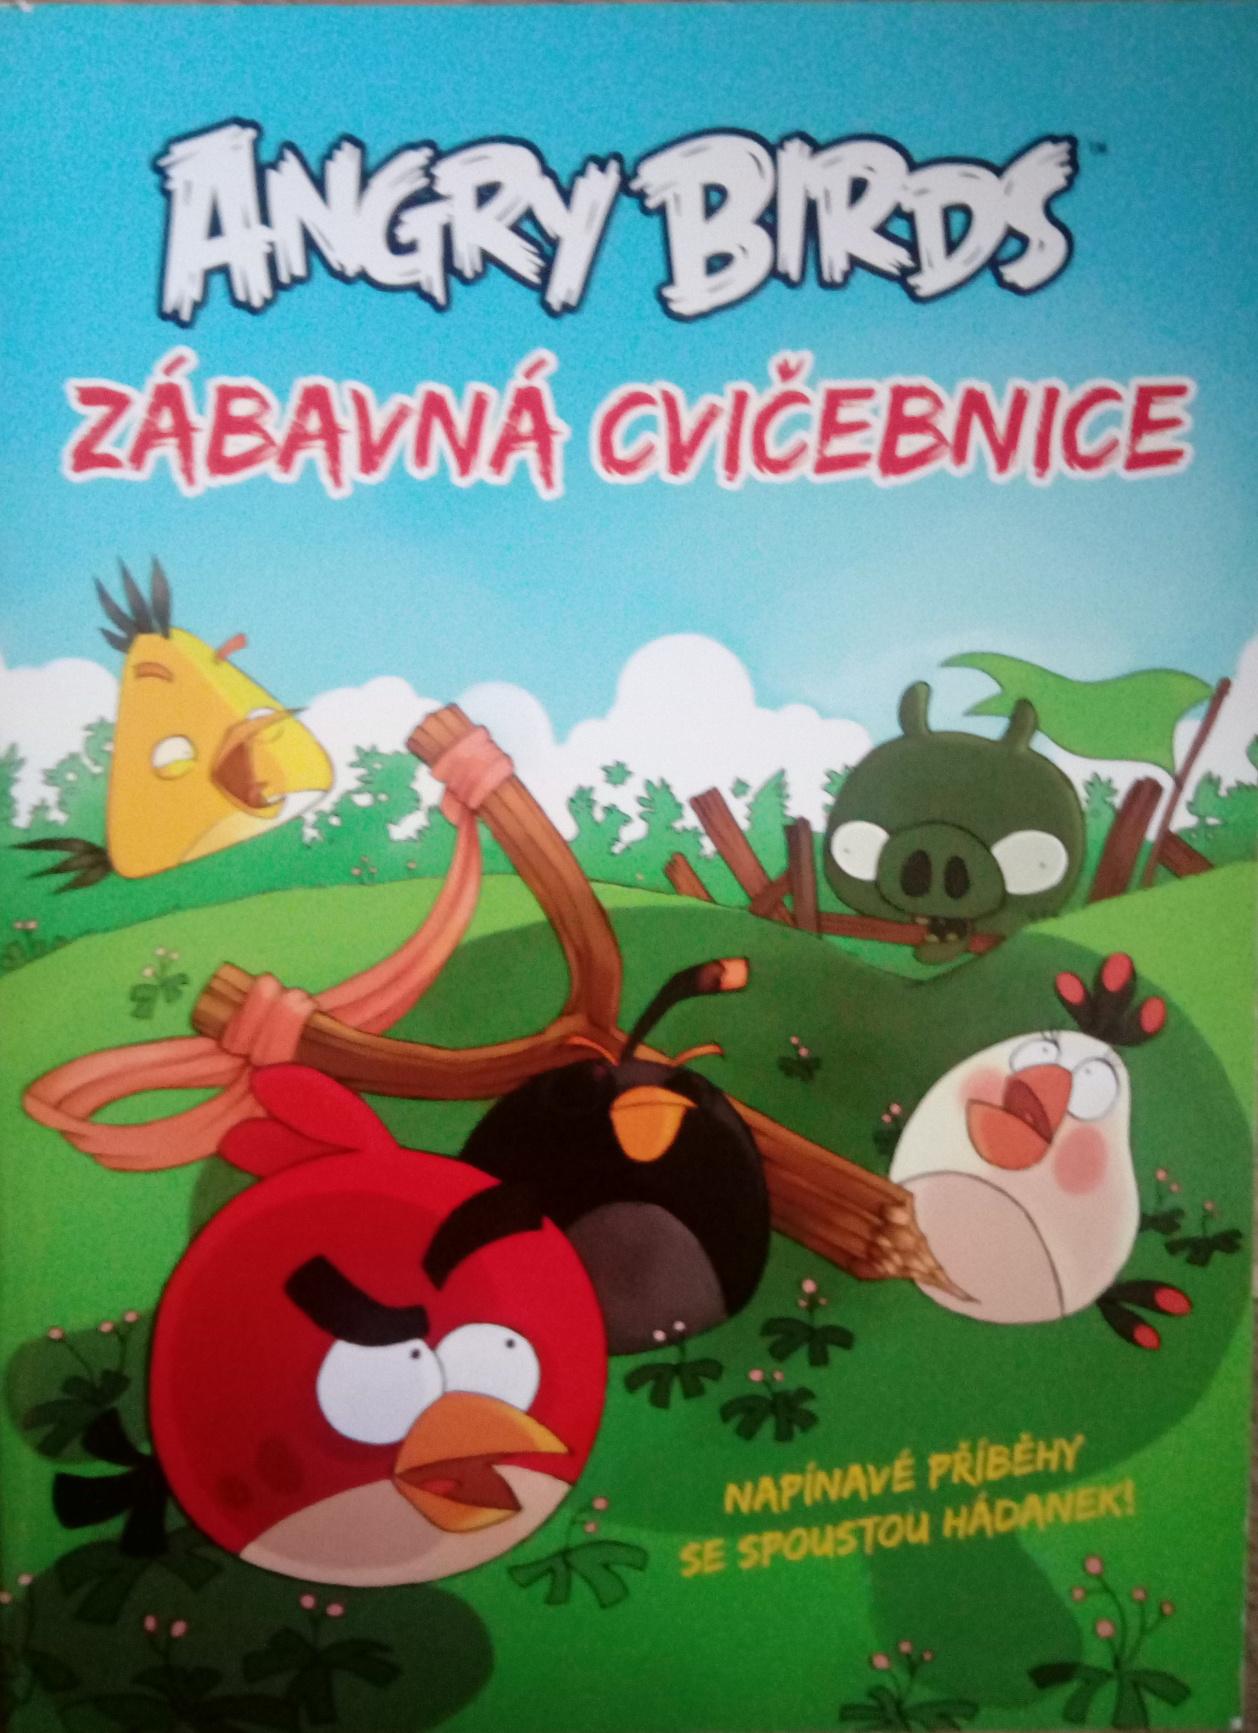 Angry Birds zábavná cvičebnice